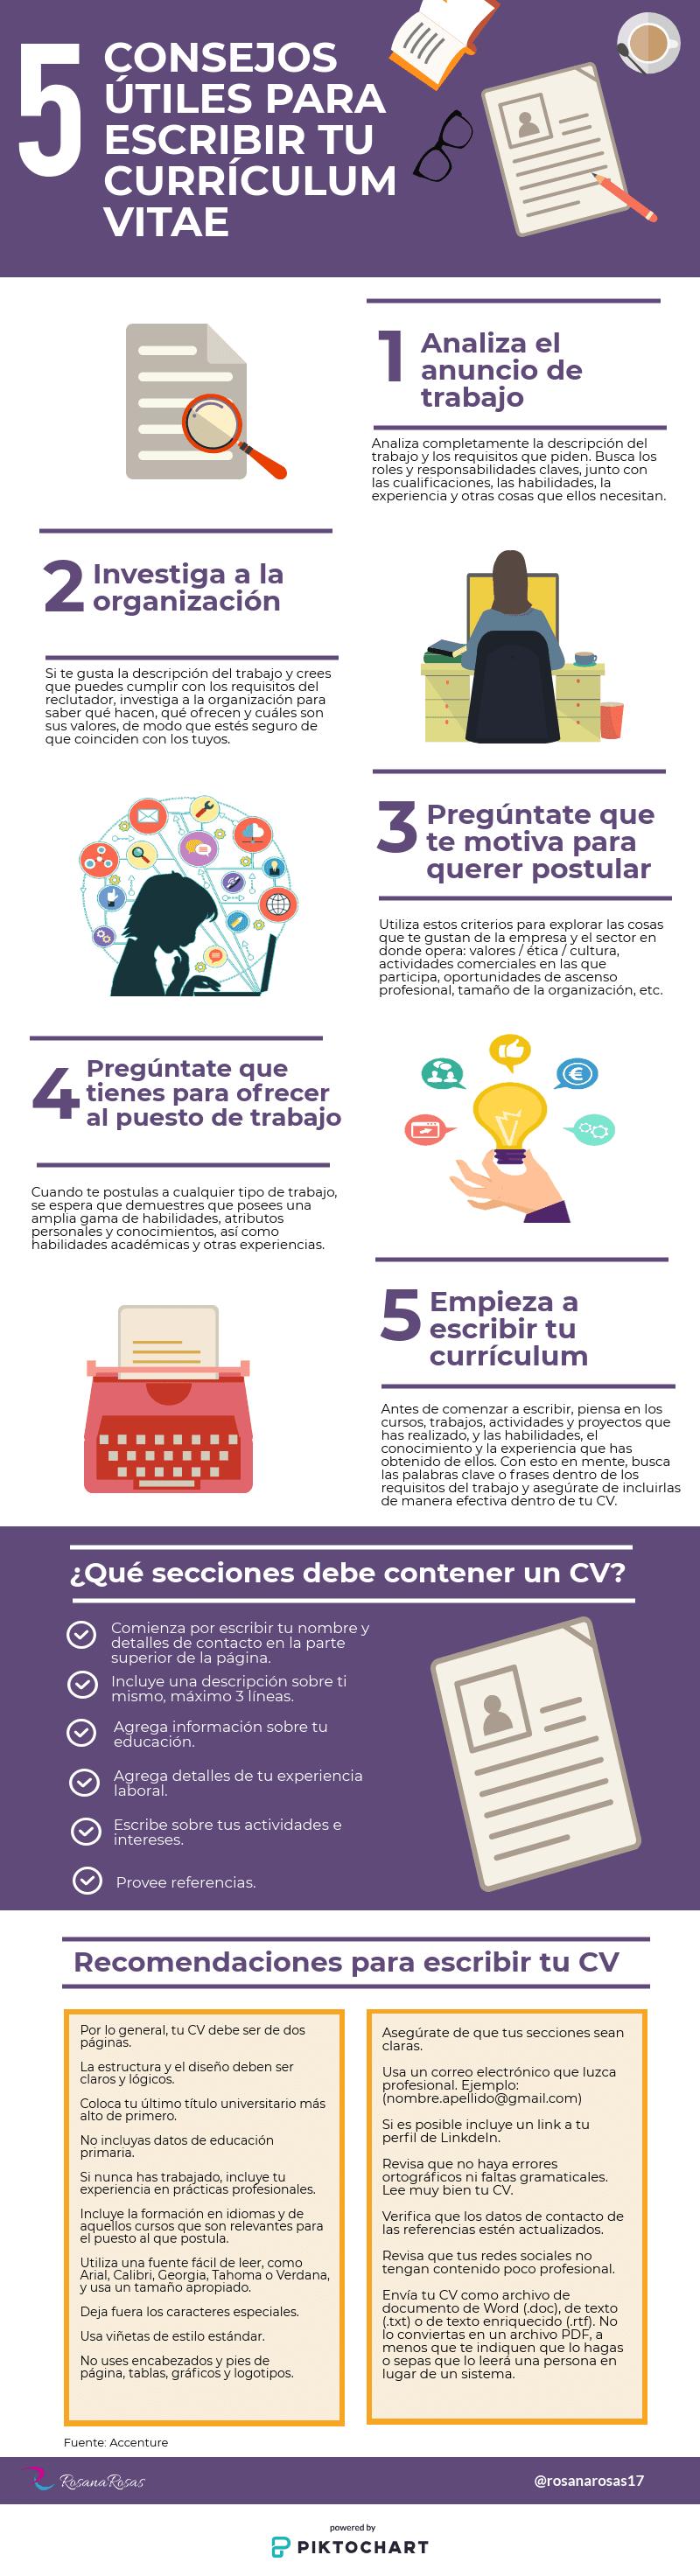 5 Consejos Útiles para Escribir tu Currículum Vitae [Infografía]